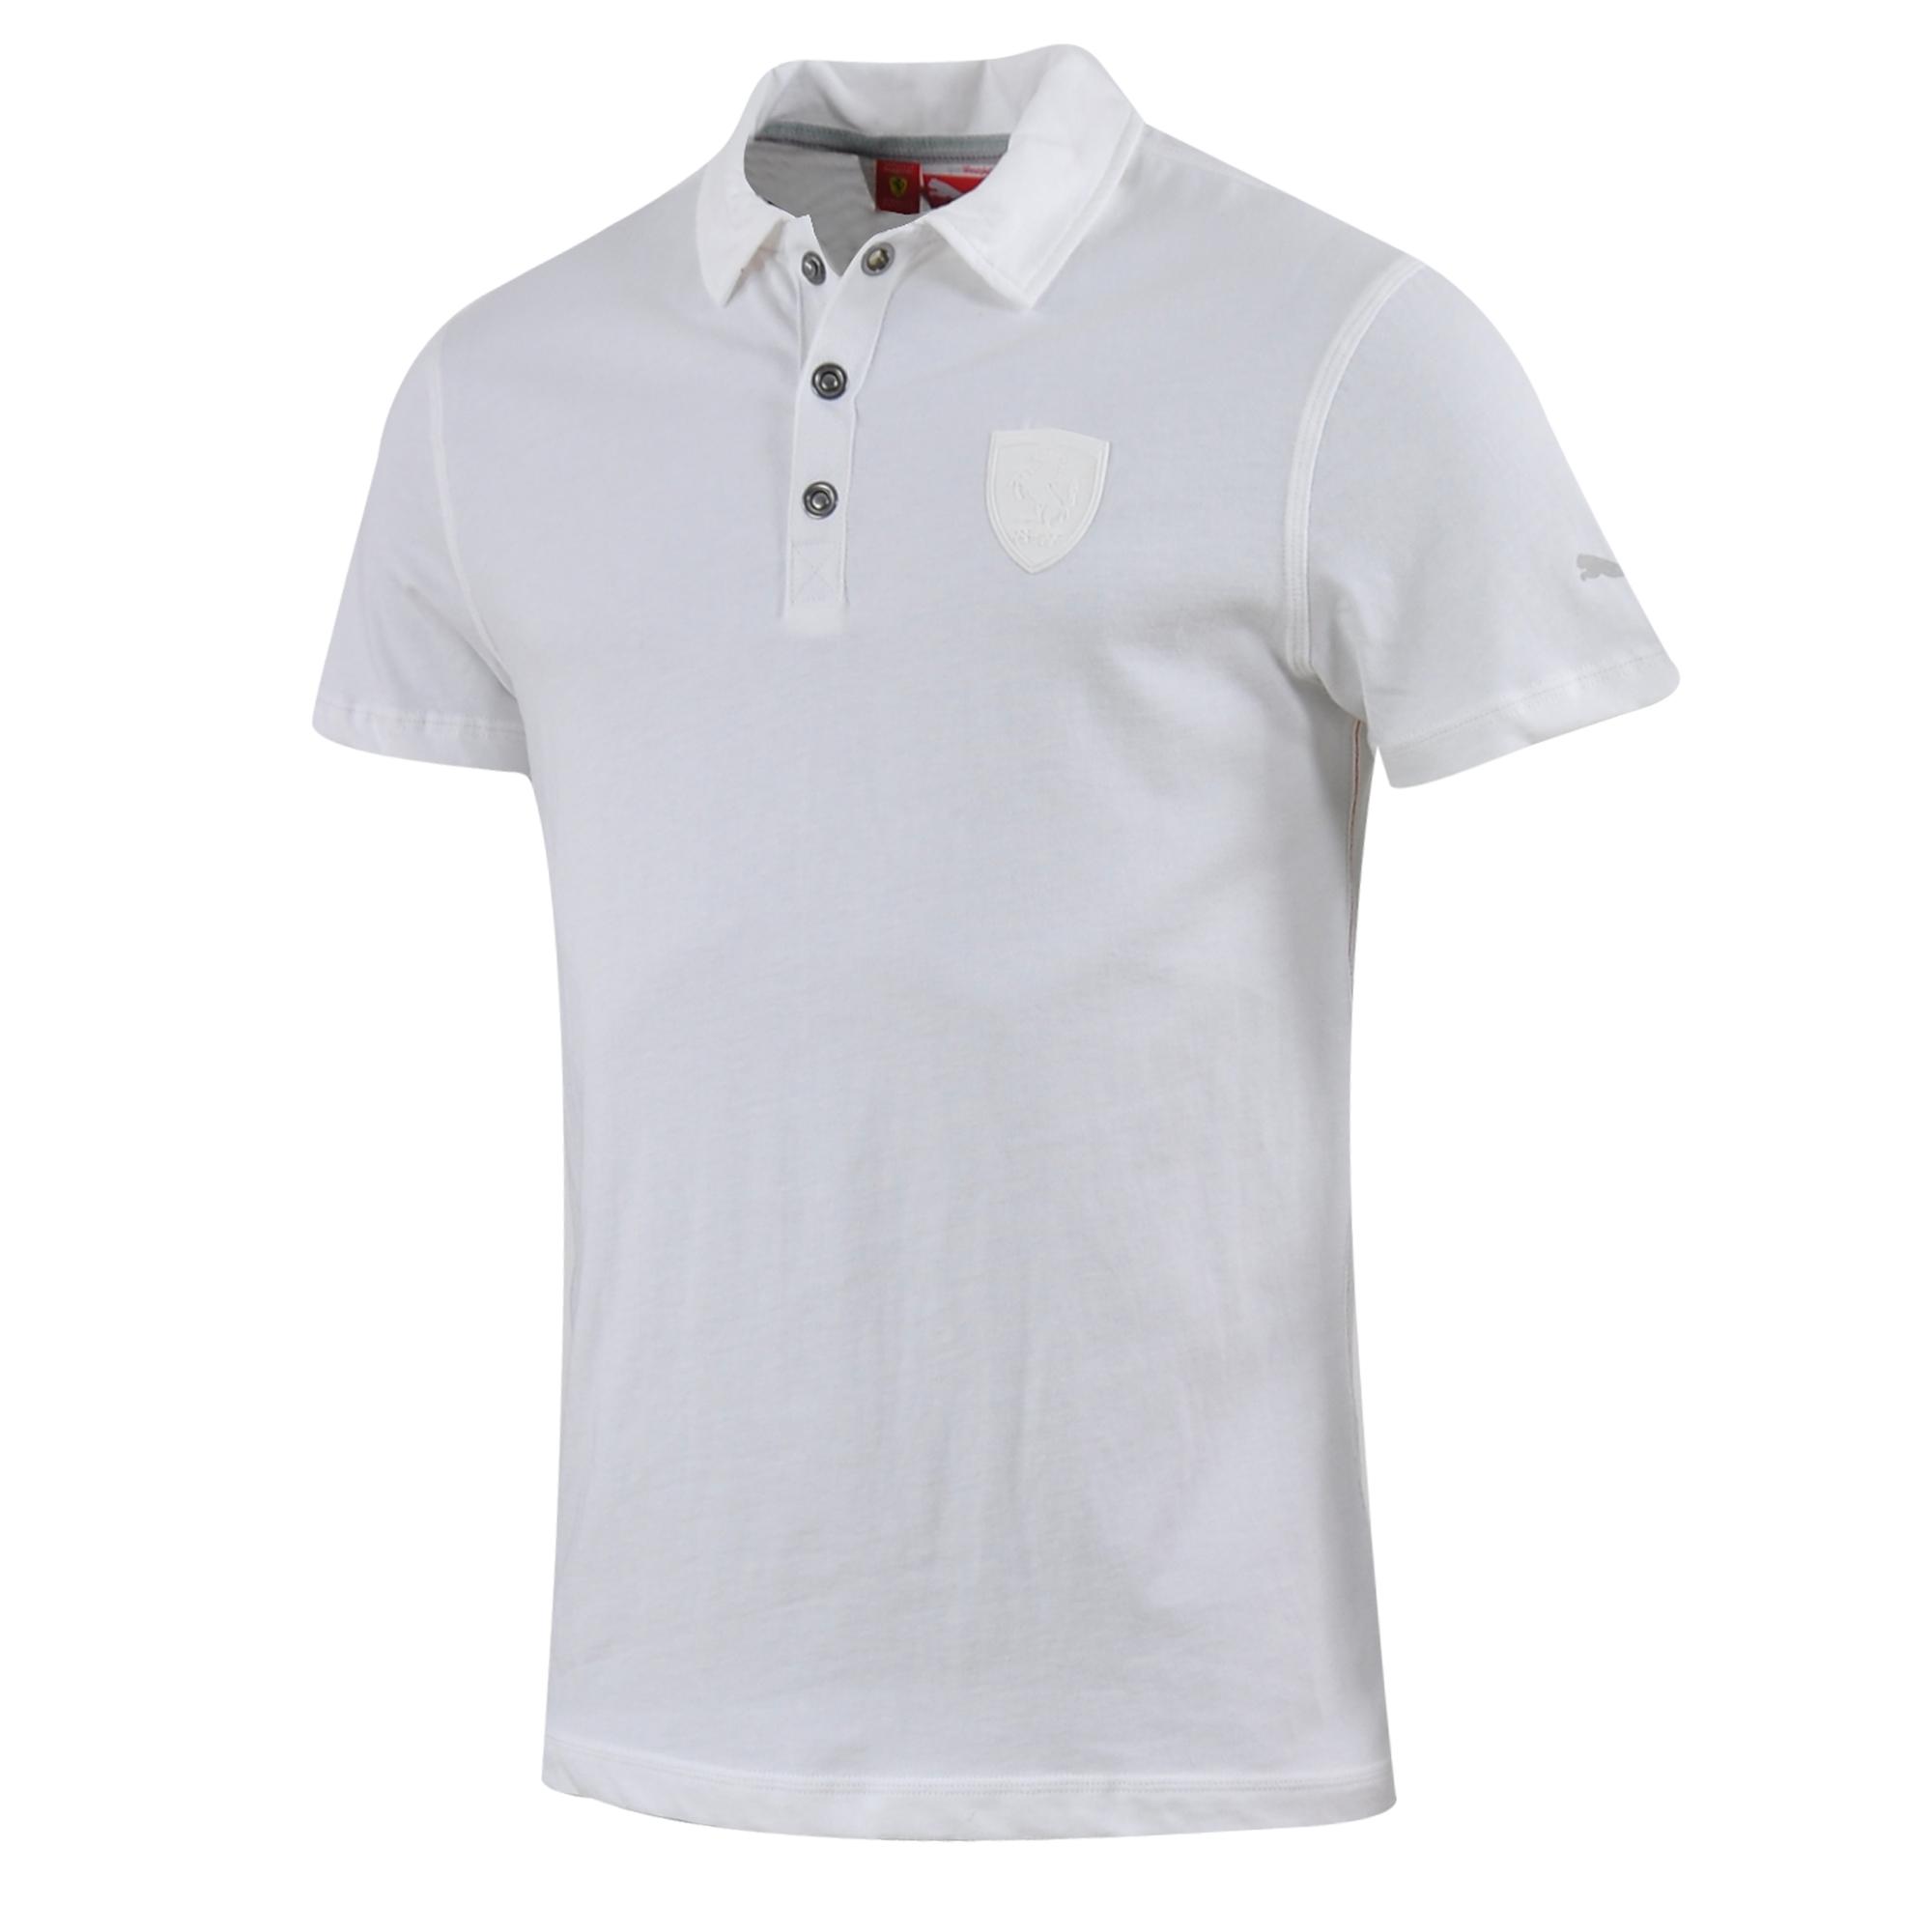 soa9a9cd ferrari erkek polo t shirt - soymocano54.com